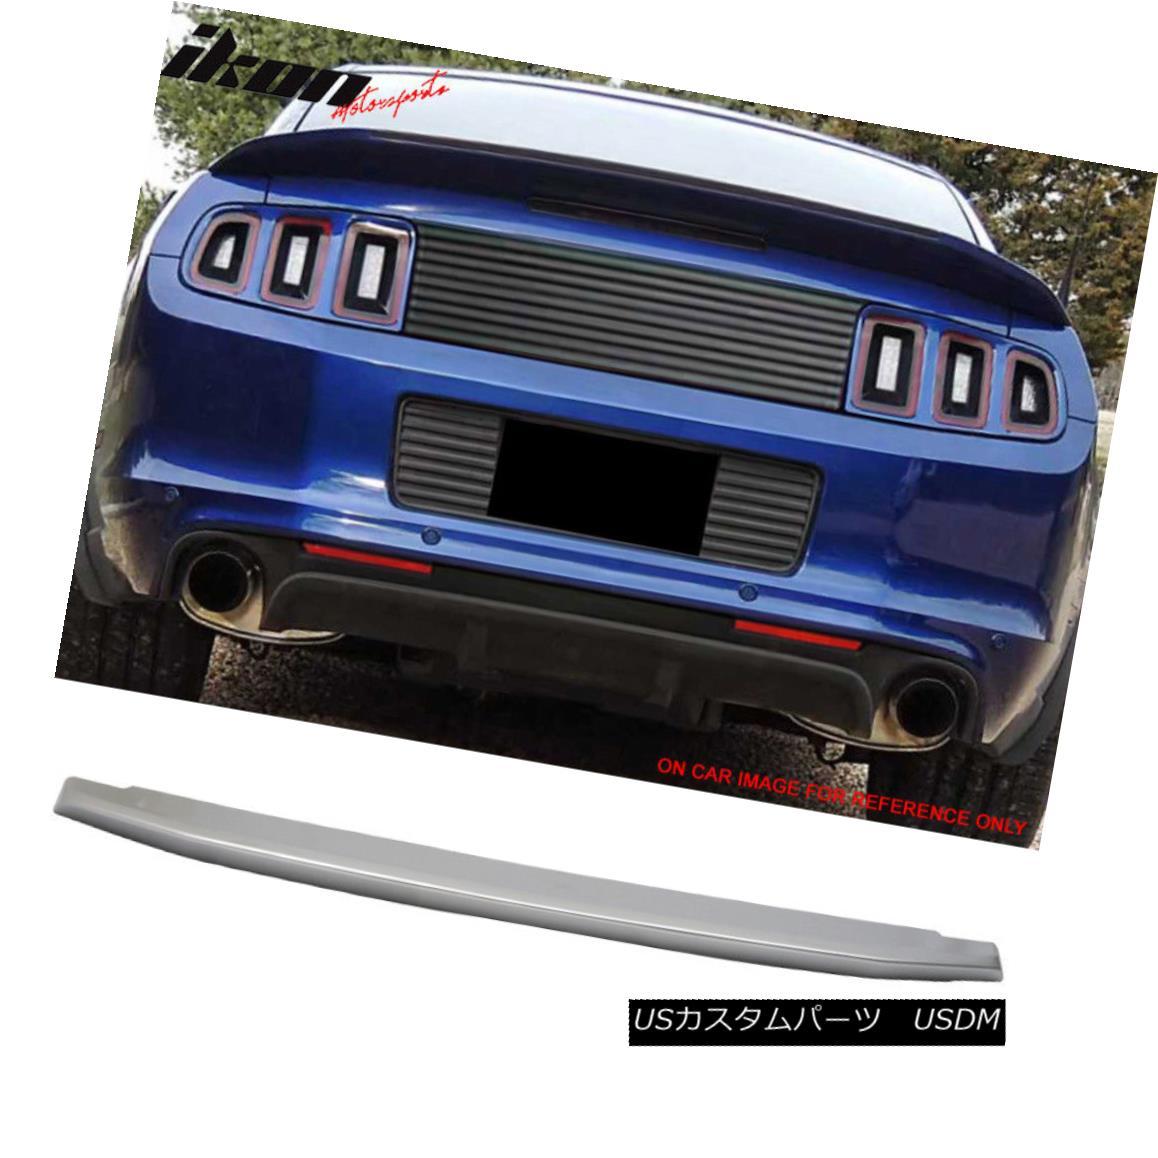 エアロパーツ Fits 10-14 Mustang GT V8 OE Factory Trunk Spoiler Painted #UI Brilliant Silver フィット10?14ムスタングGT V8 OE工場トランク・スポイラー#UIブリリアント・シルバー